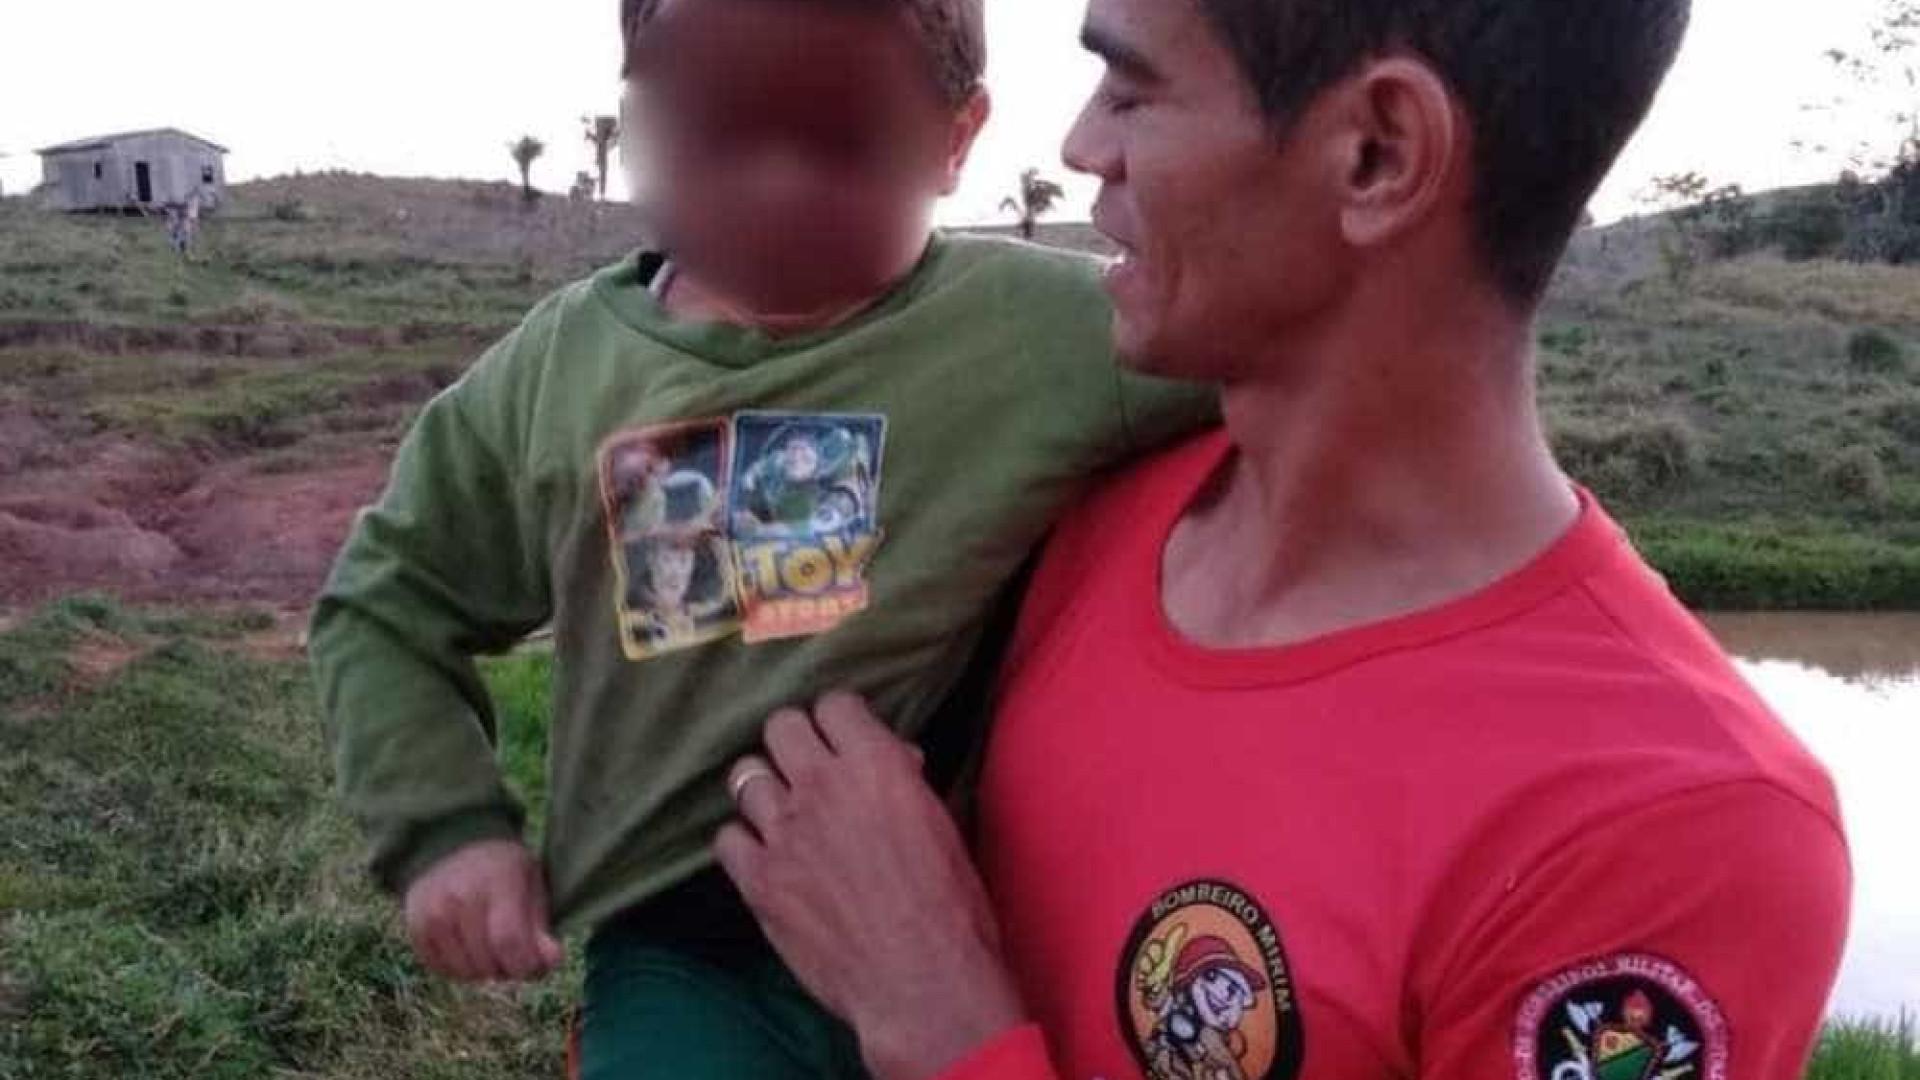 Menino de 4 anos é resgatado após quase 10 horas desaparecido em mata